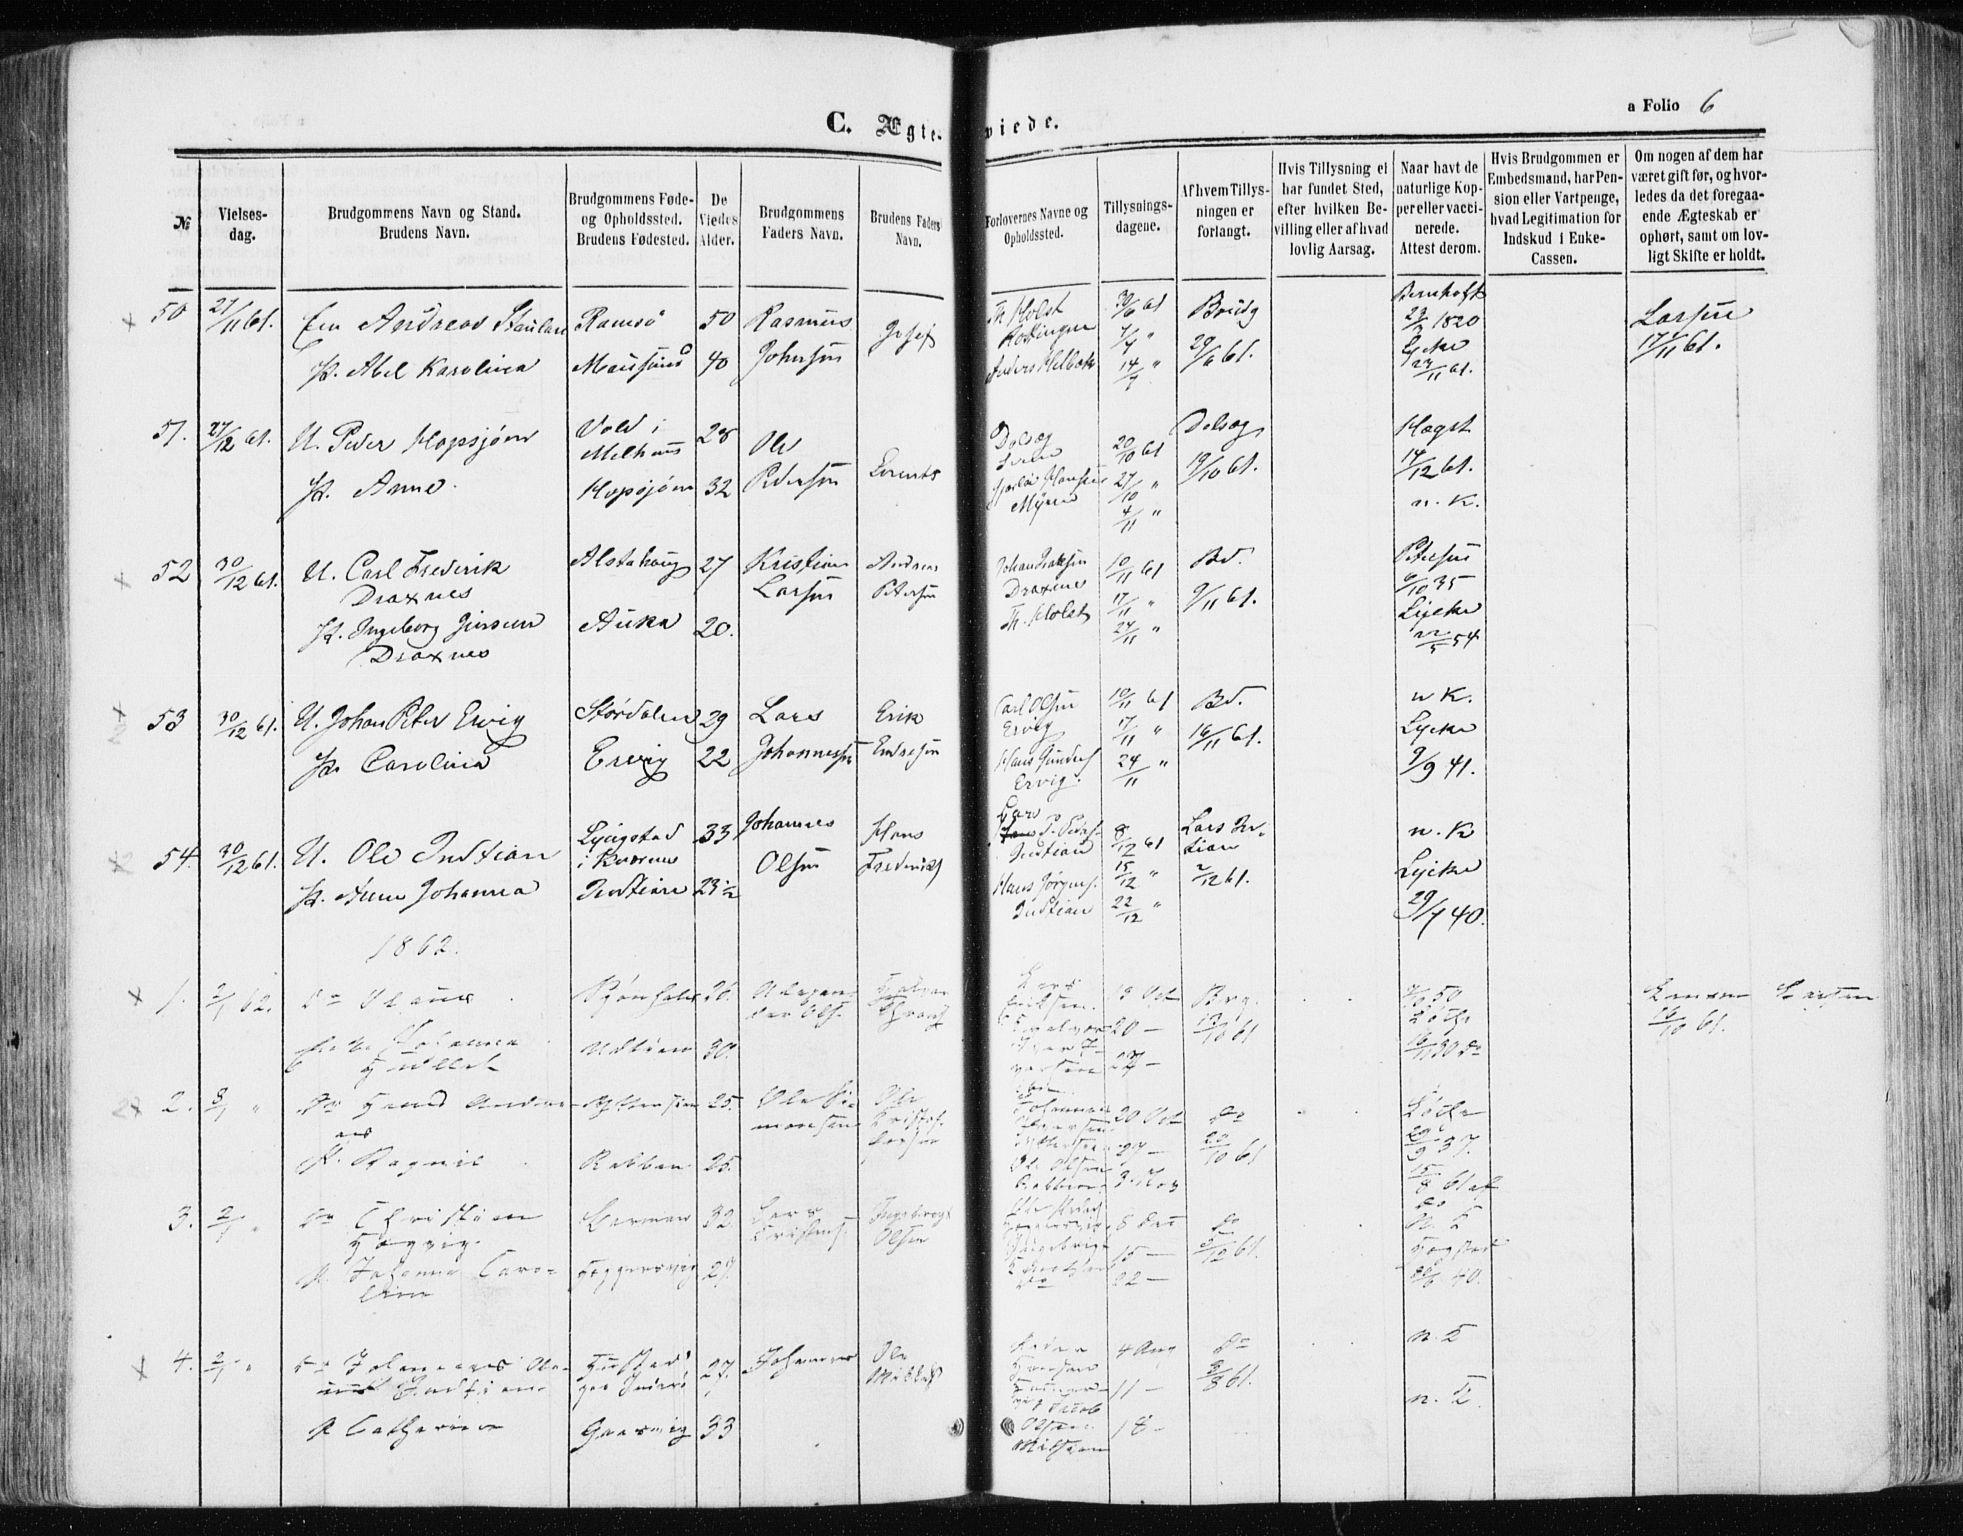 SAT, Ministerialprotokoller, klokkerbøker og fødselsregistre - Sør-Trøndelag, 634/L0531: Ministerialbok nr. 634A07, 1861-1870, s. 6